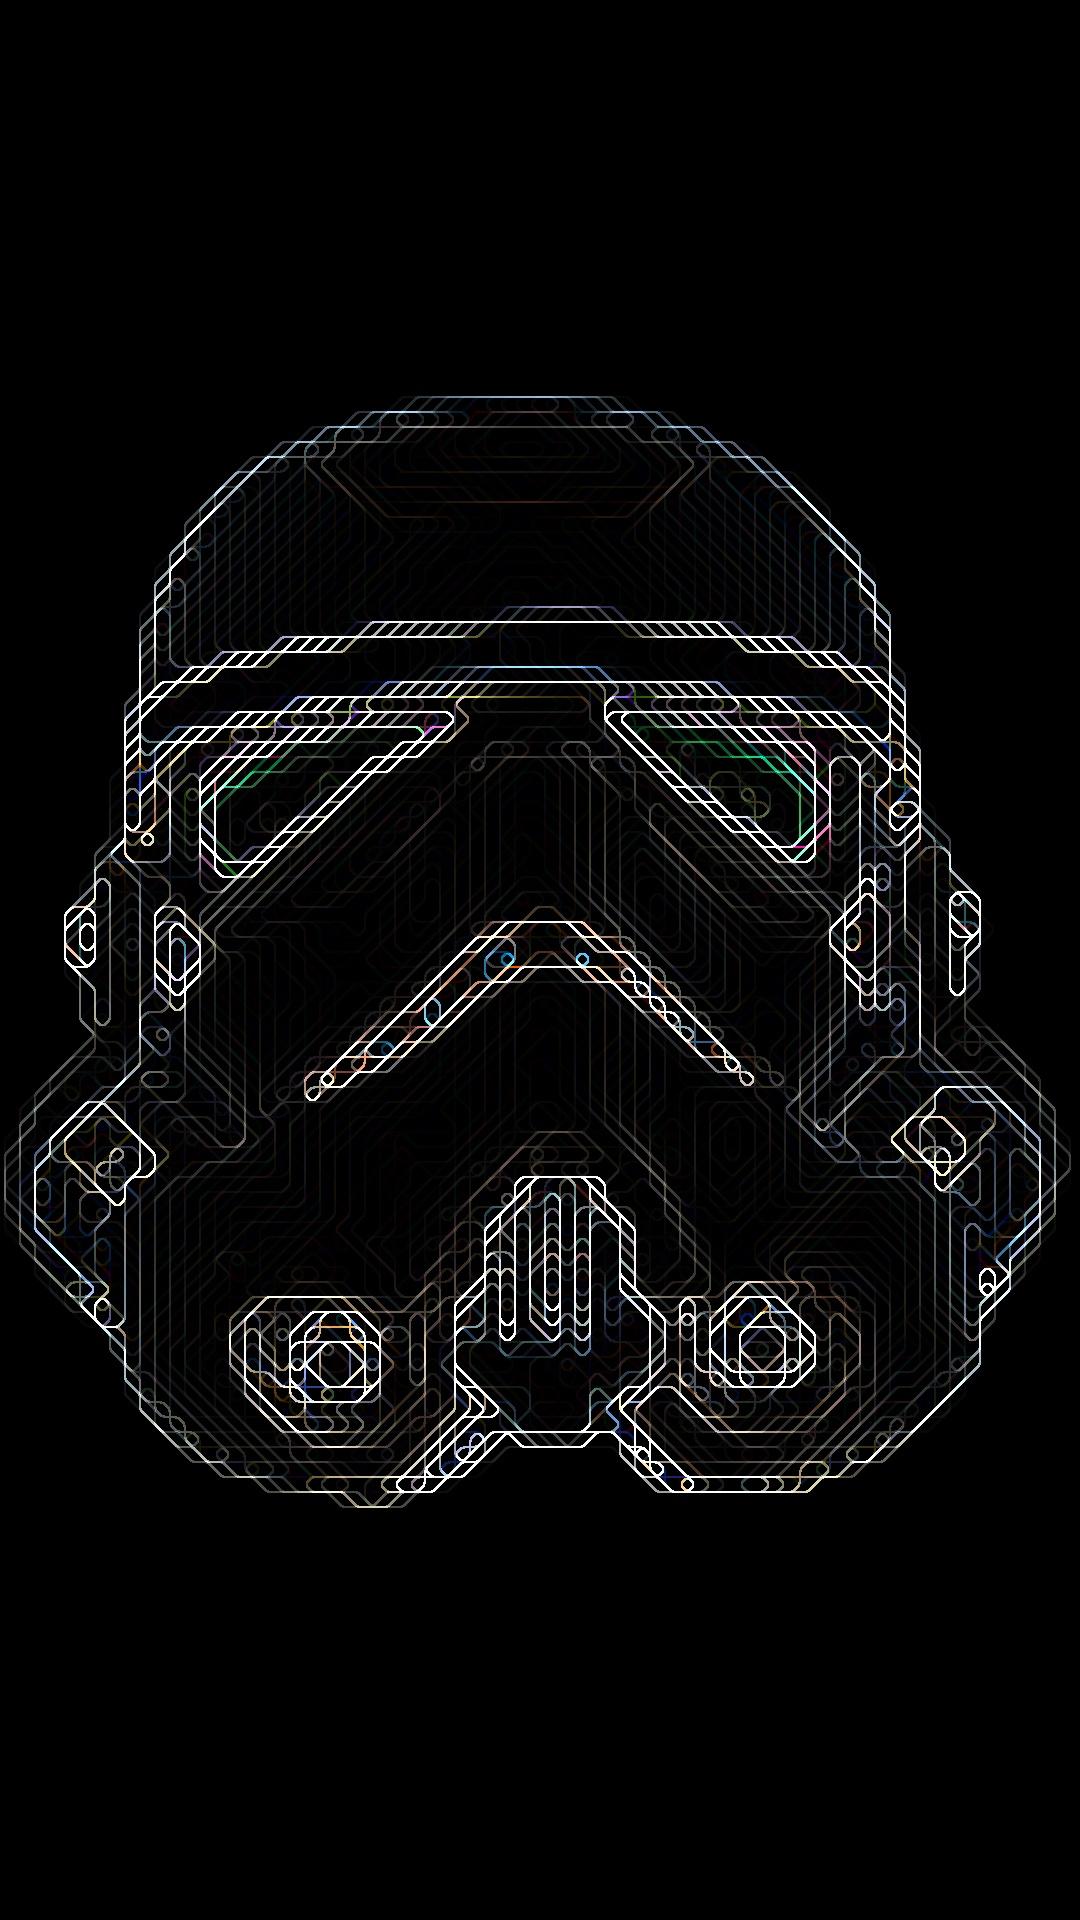 trooper-wa_k1fb8pcN.jpg